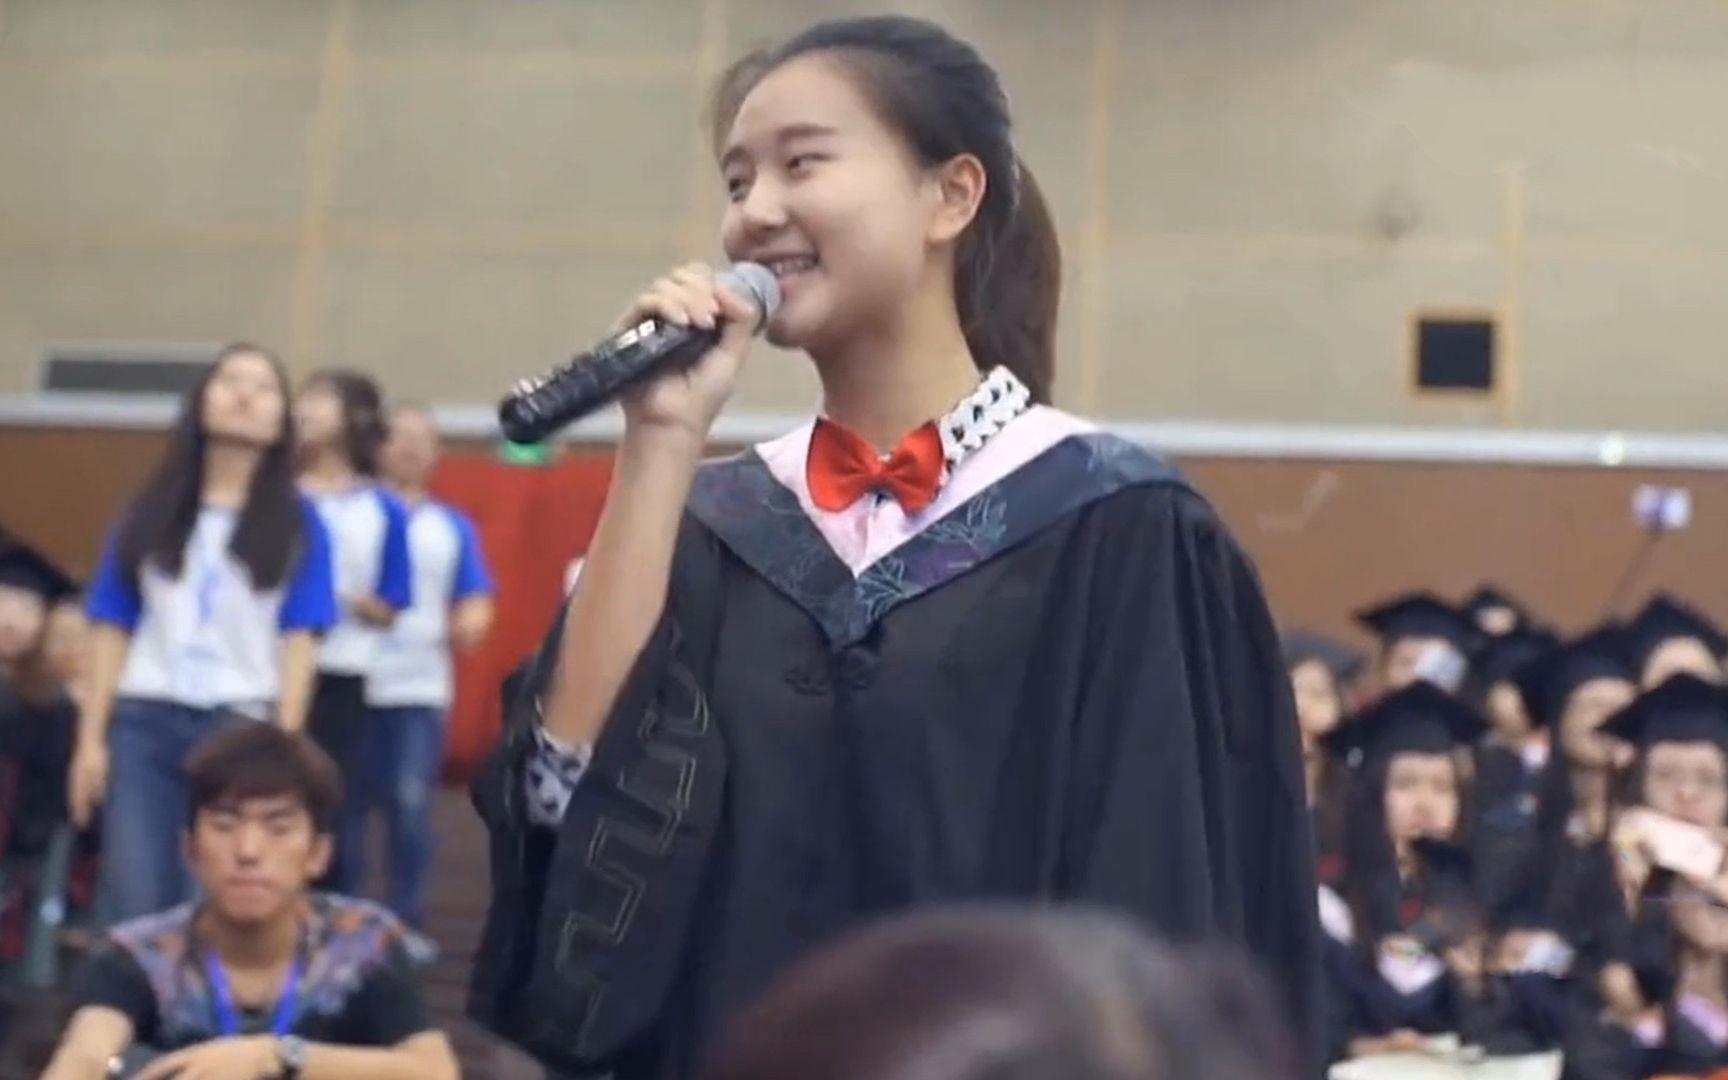 大学毕业典礼,观众席女生突然唱起《时间煮雨》感动全场,致青春